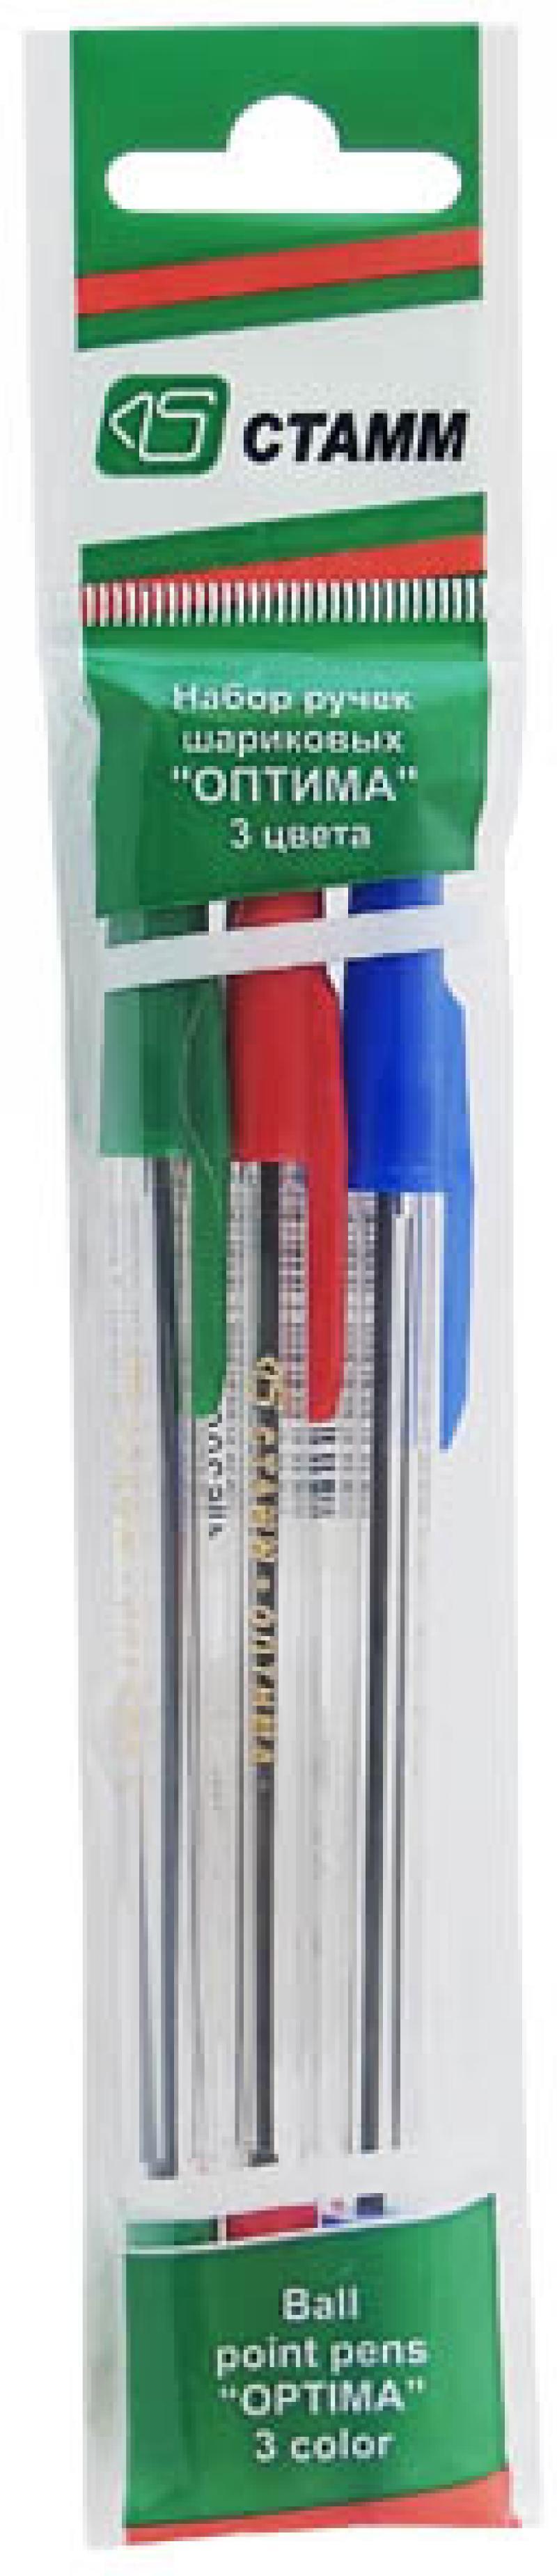 Набор шариковых ручек СТАММ РО06 3 шт разноцветный 1 мм РО06 набор шариковых ручек hauser grip well 3 шт